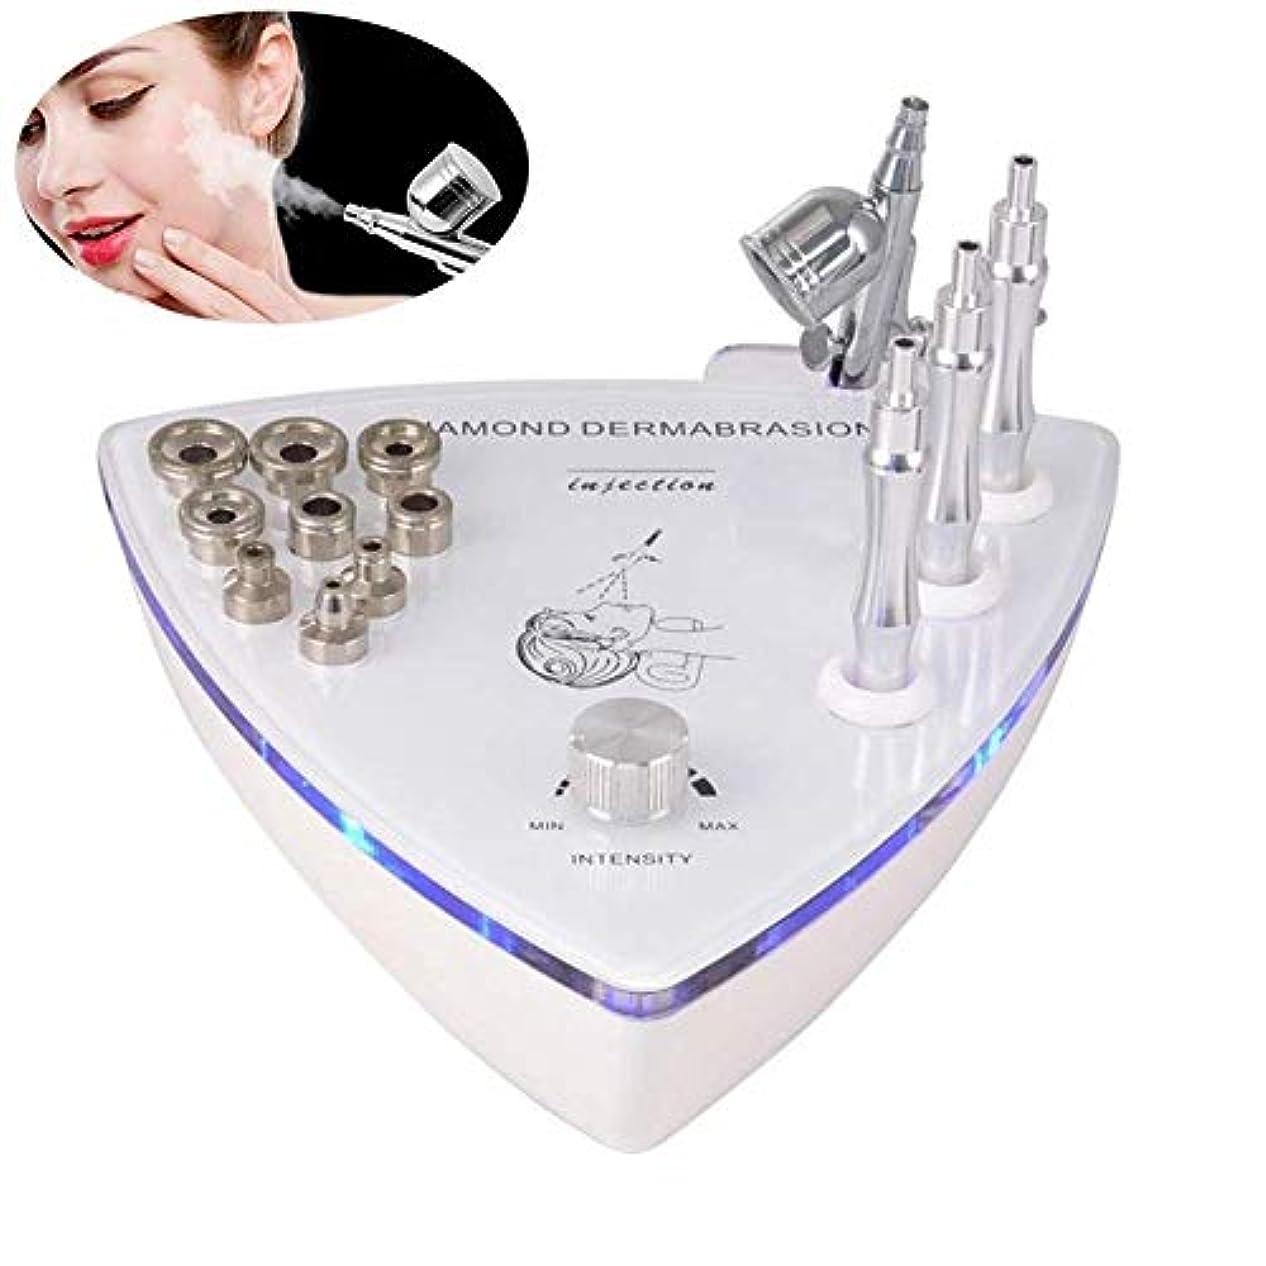 凝視言語学ぜいたく2 1ダイヤモンド皮膚剥離機では、アンチエイジングピーリングプロフェッショナル美容機を締め付けスプレーガンマイクロダーマブレーションと酸素スプレー洗顔の肌の若返りしわ除去肌に